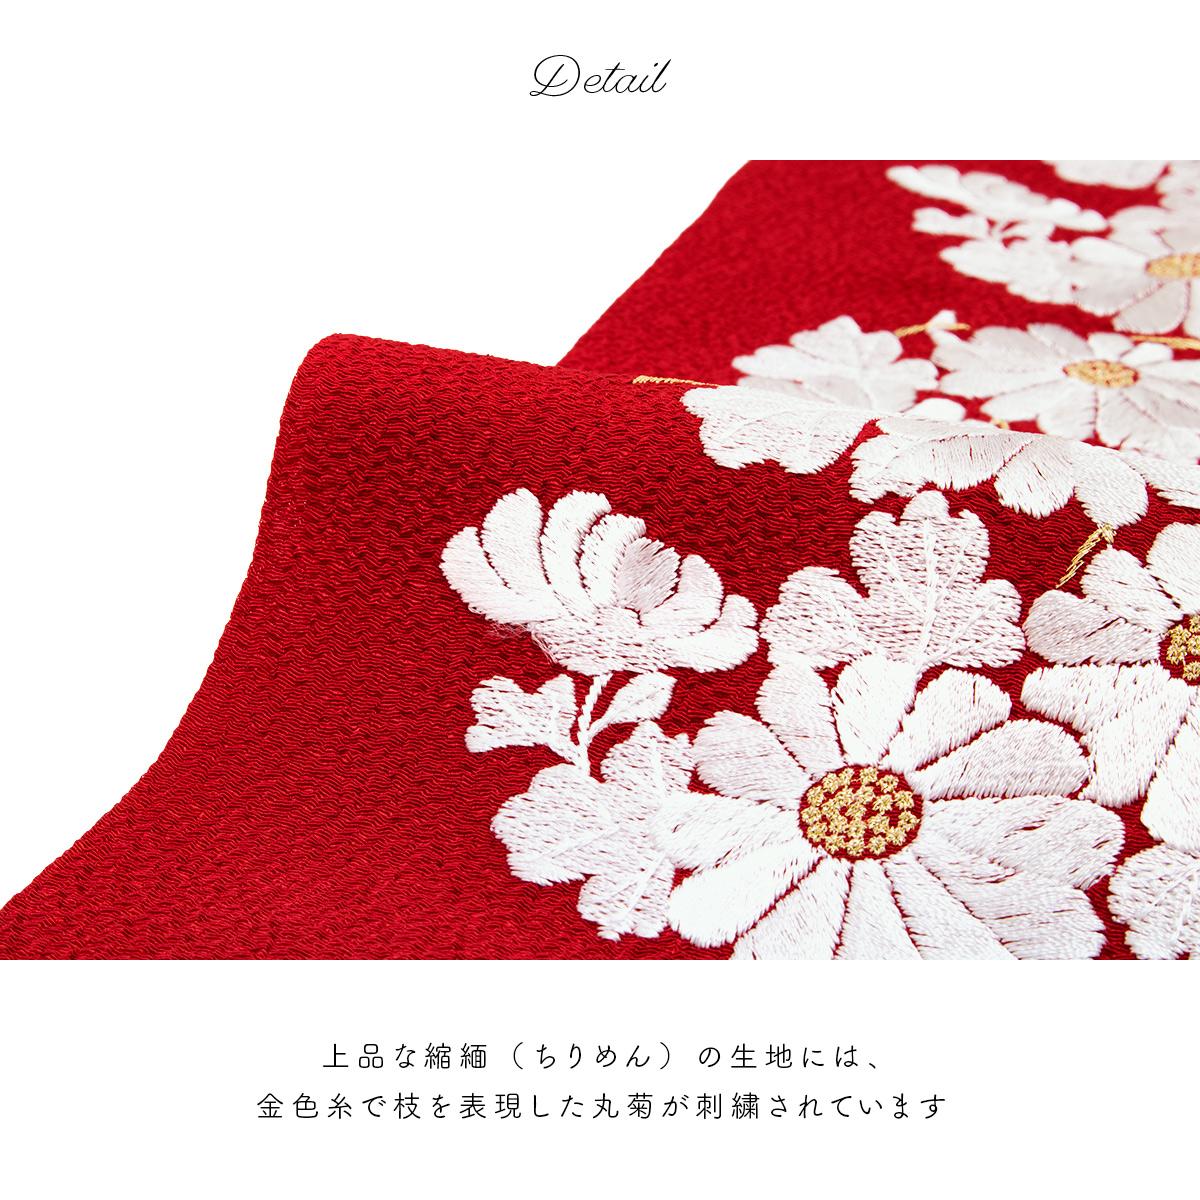 振袖や袴姿におすすめな女性半衿